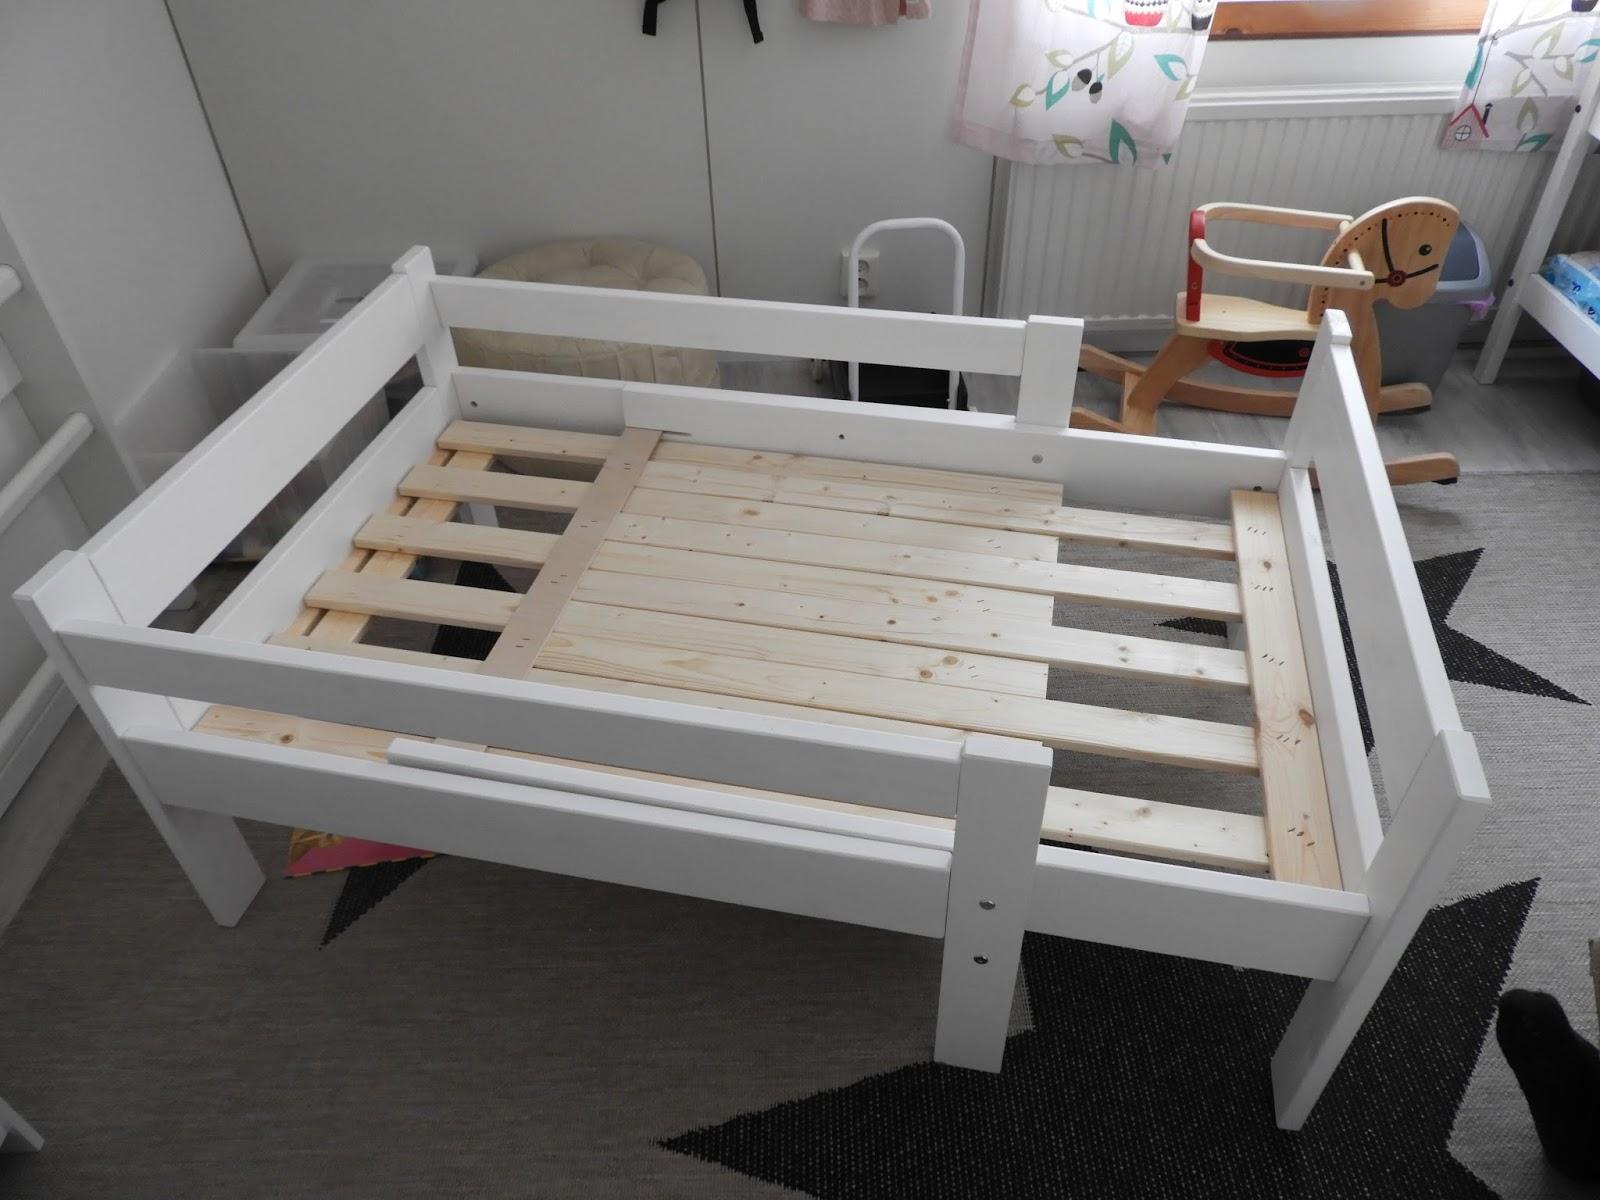 emma jatkettava sänky Askeleita perheenä: Isojen tyttöjen sänky emma jatkettava sänky